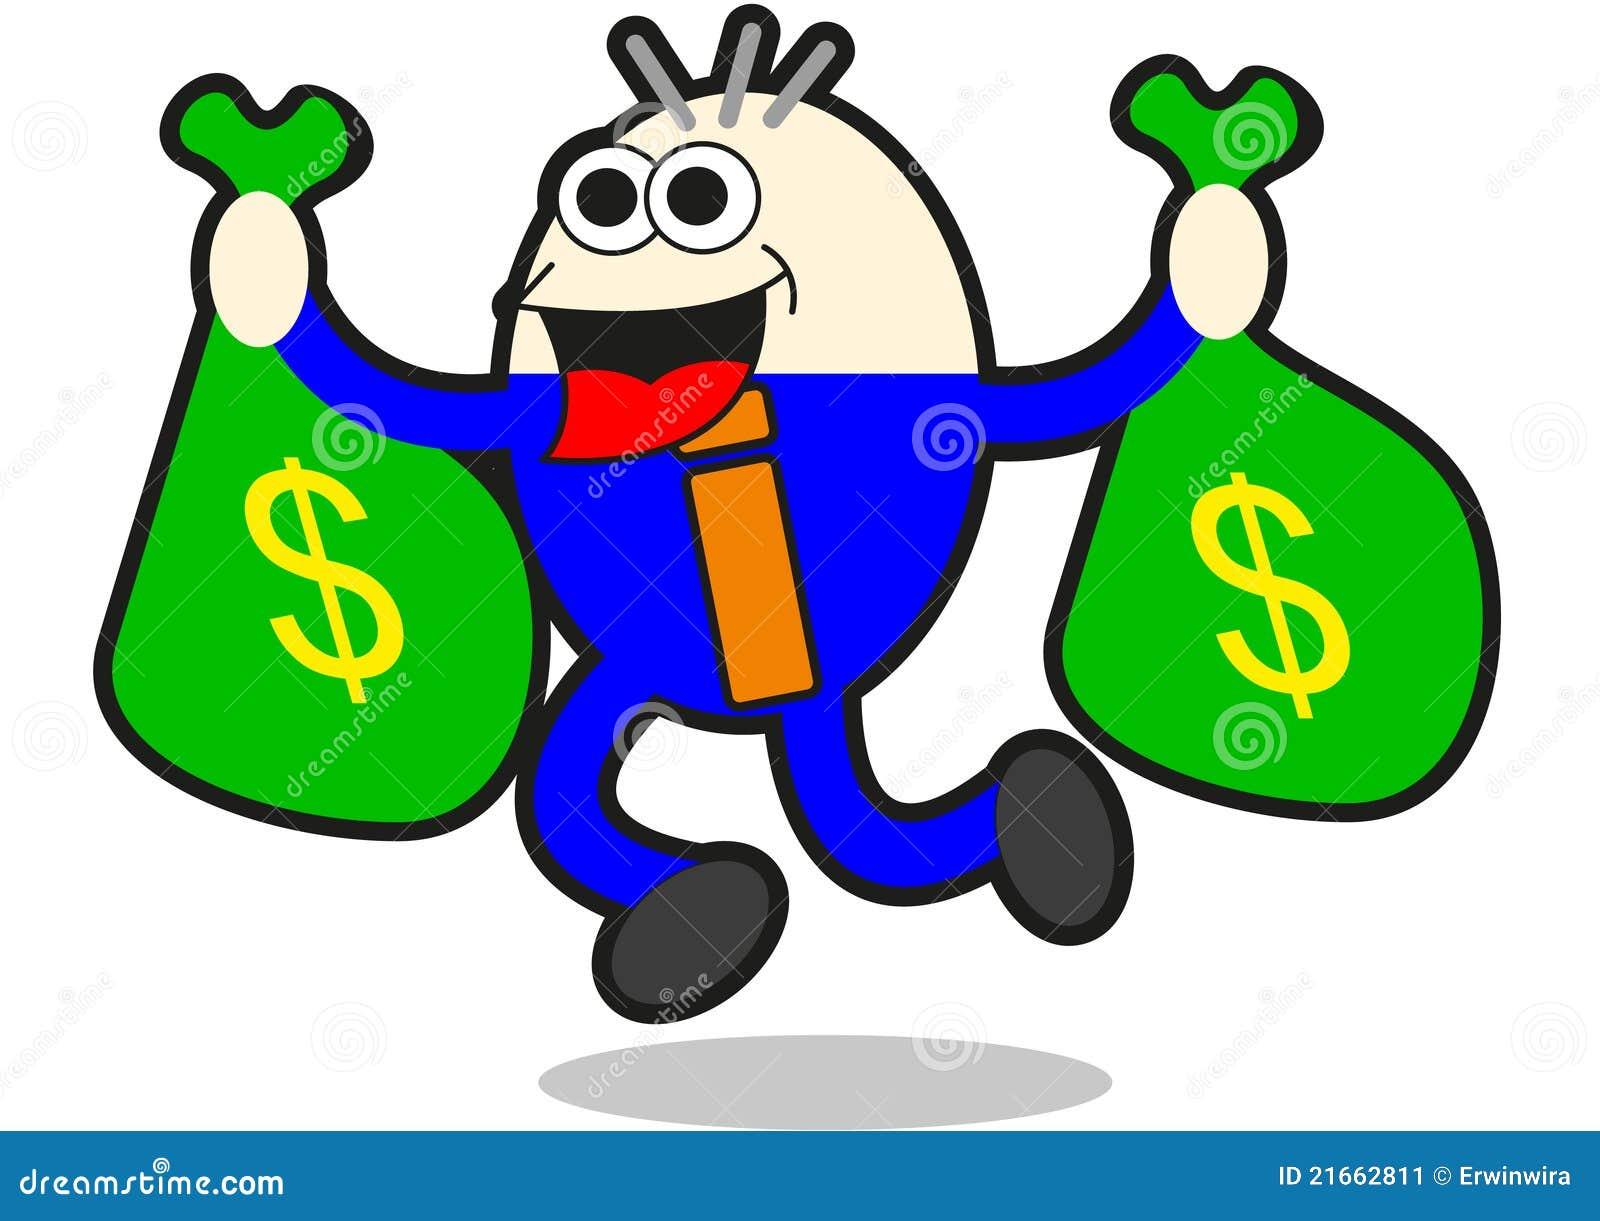 Earning Money Web Design